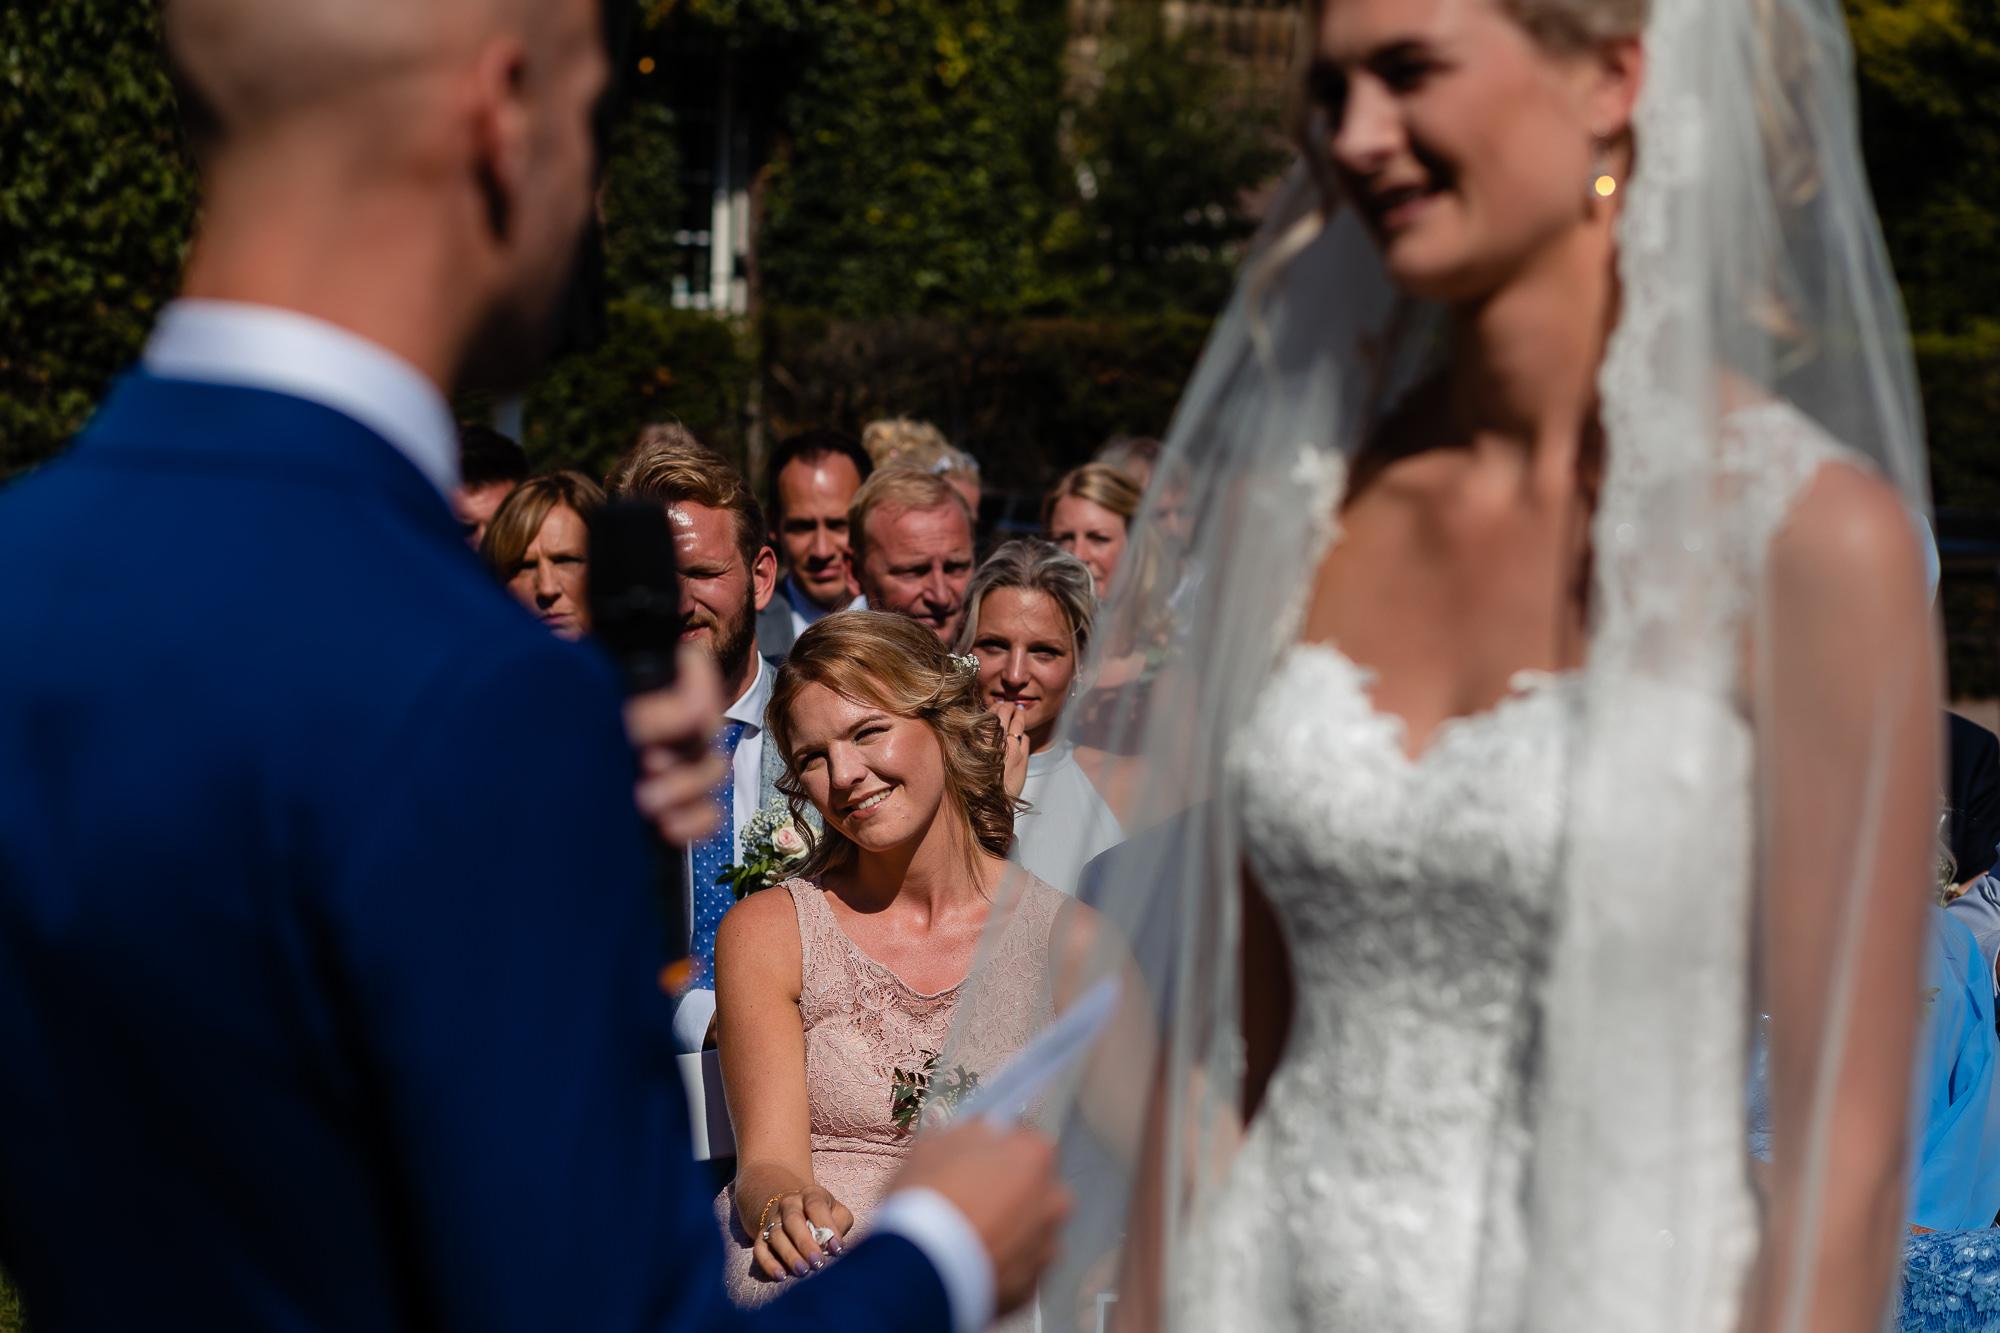 Zus kijkt vol trots naar d'r zus tijdens de trouwceremonie